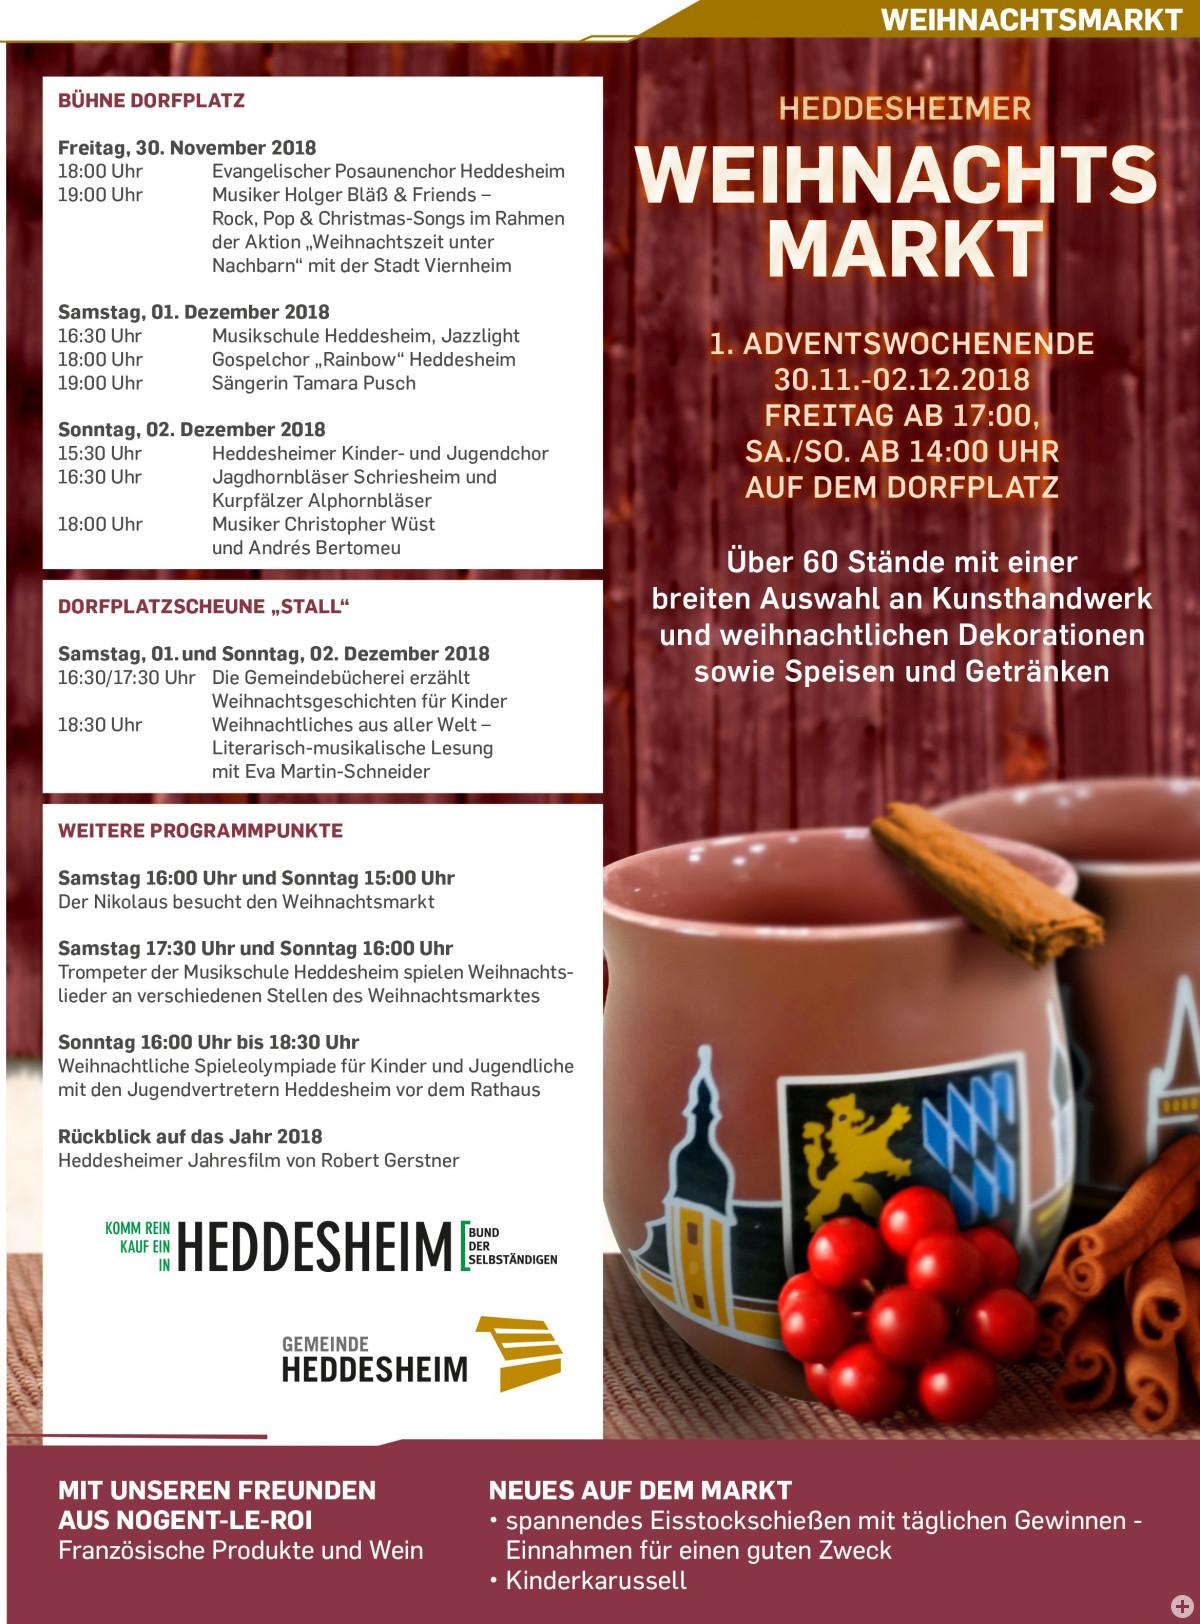 Programm Weihnachtsmarkt 2018